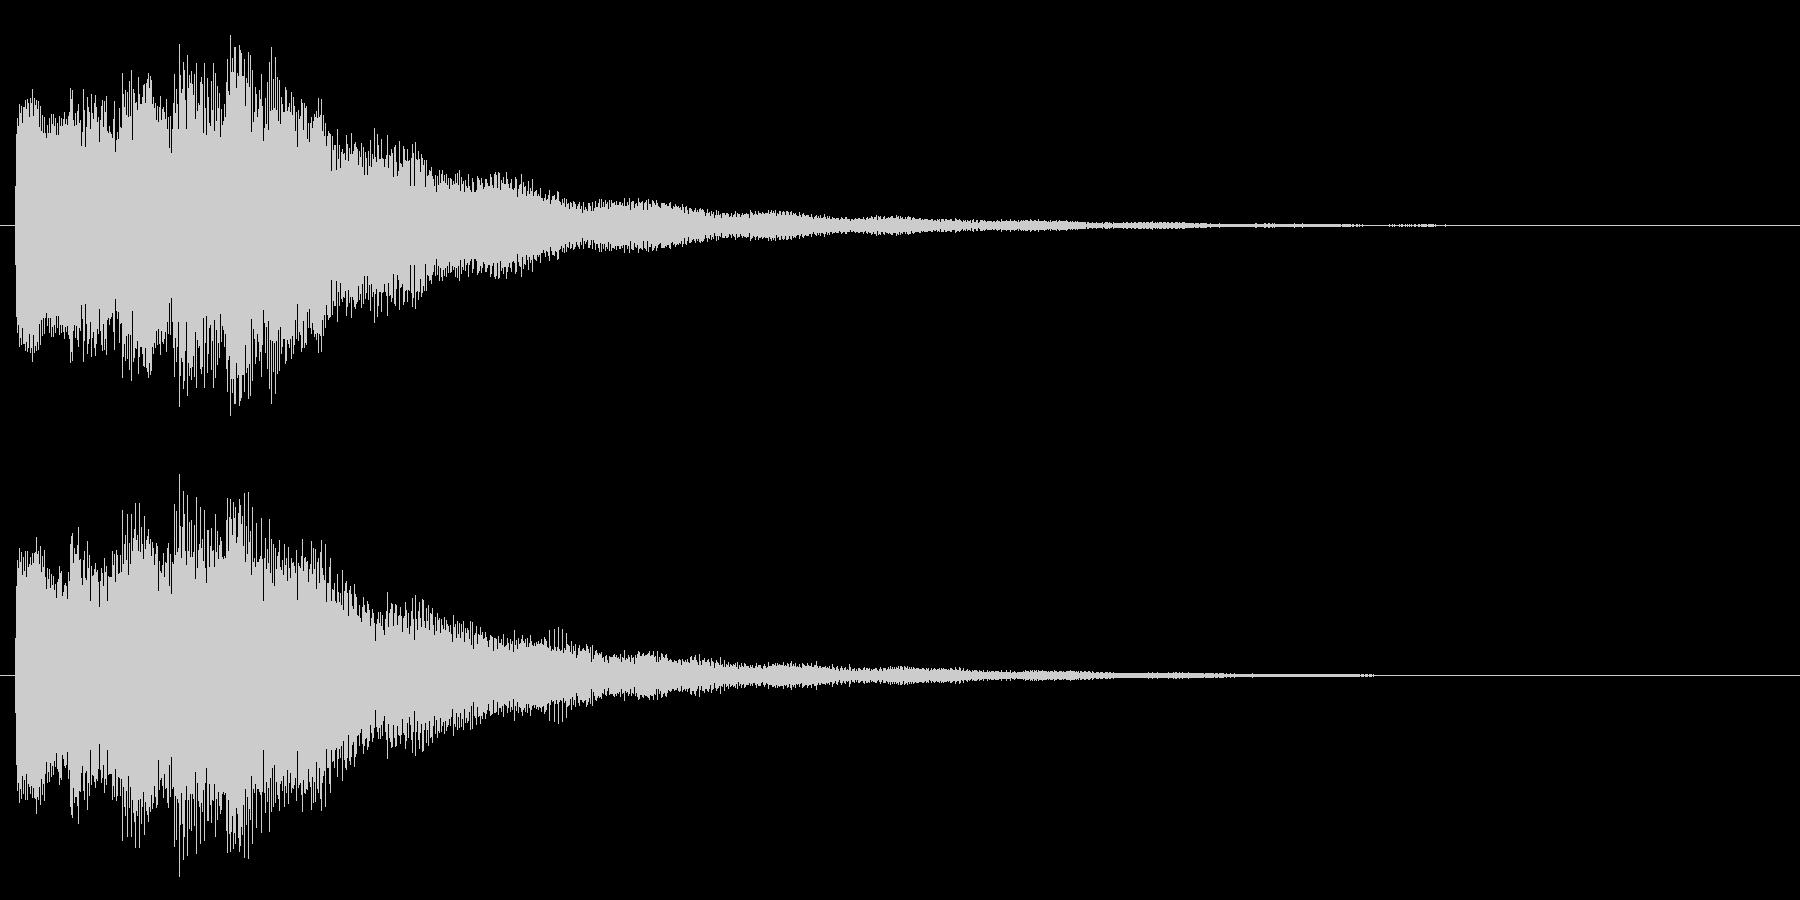 スタート音/宇宙/シューティング系の未再生の波形